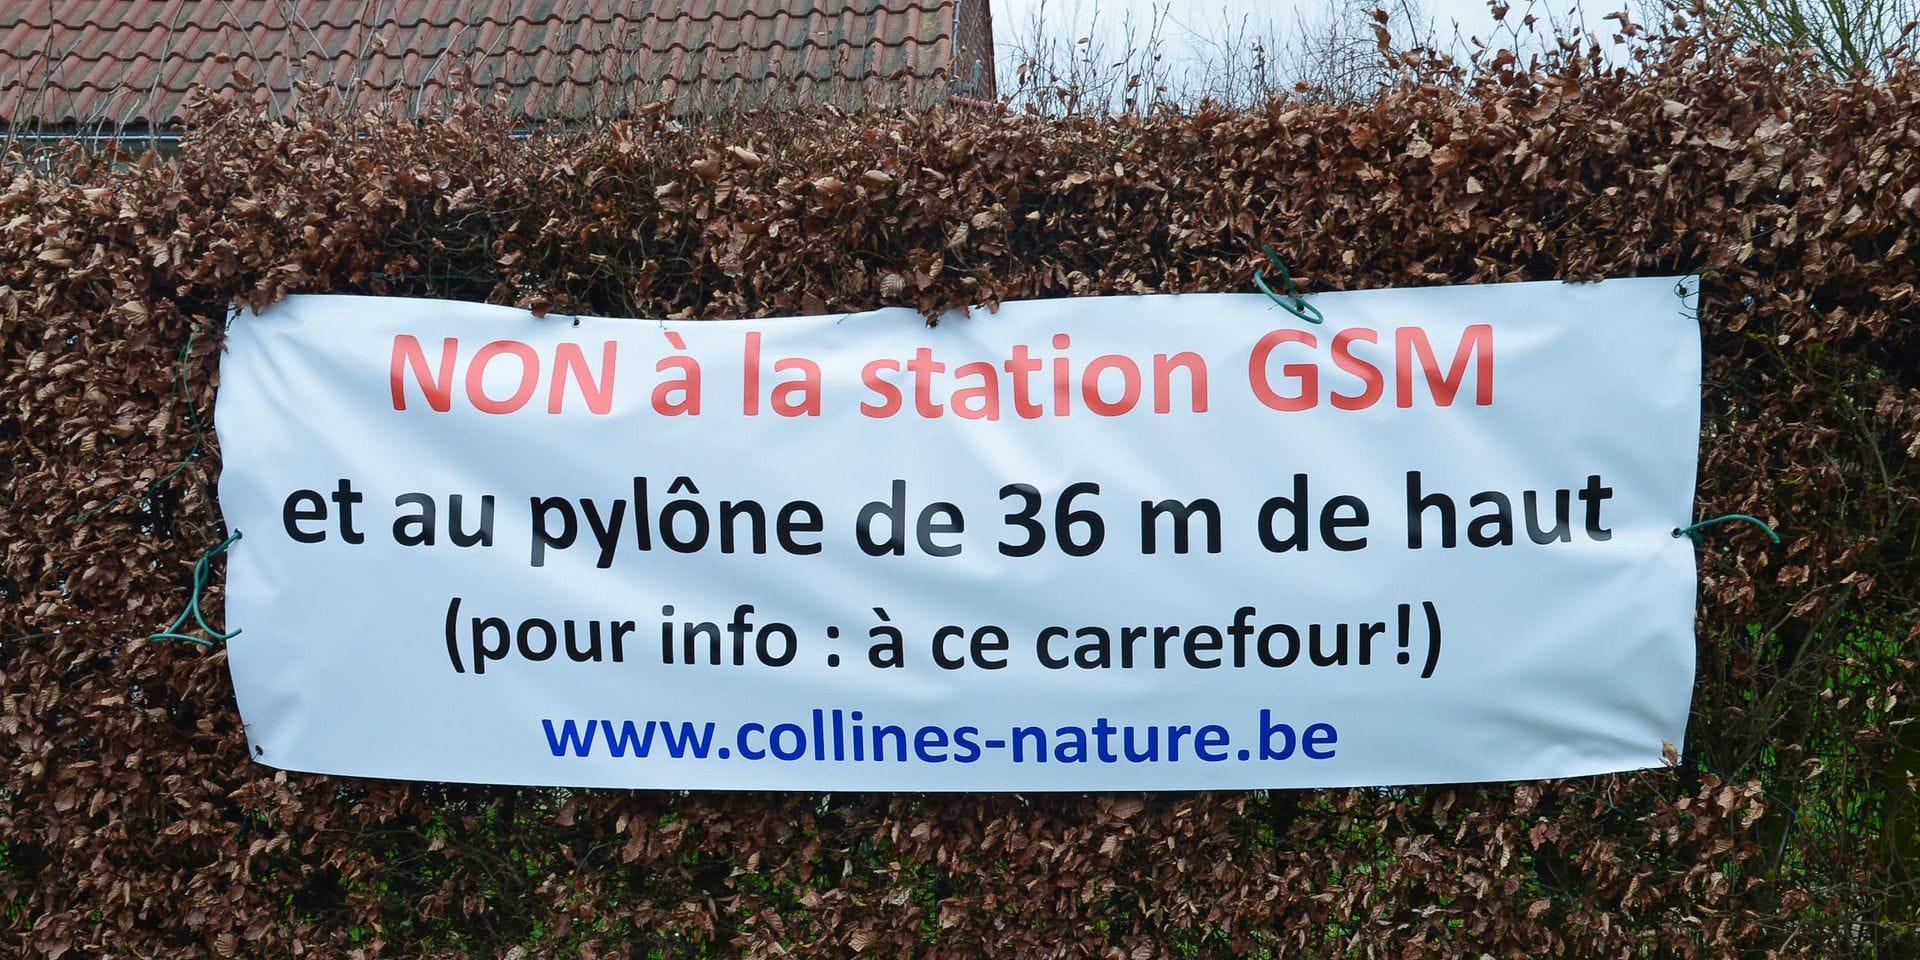 Pylône GSM: les élus frasnois sur la même longueur d'onde que les riverains !